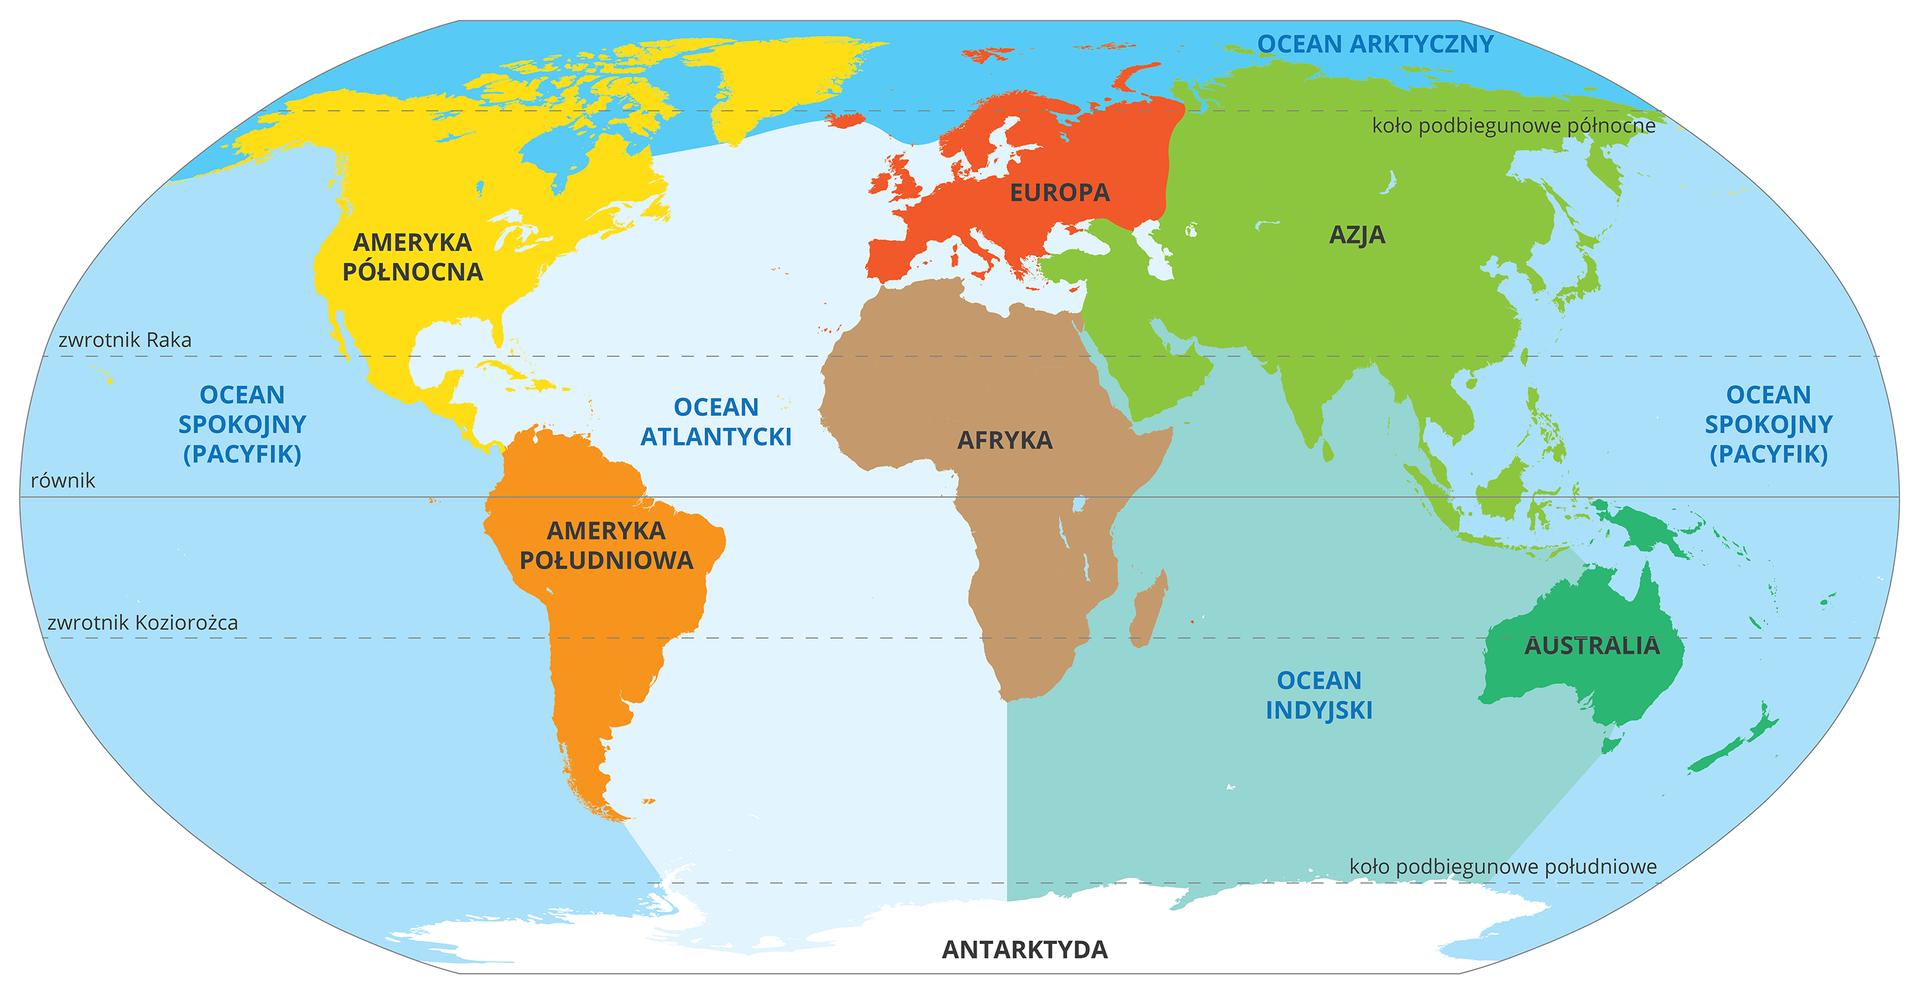 Ilustracja prezentuje kolorową mapę świata zopisanymi kontynentami ioceanami kuli ziemskiej. Kolor żółty – Ameryka Północna, kolor jasnobrązowy – Ameryka Południowa, kolor brązowy - Afryka, kolor czerwony – Europa, kolor zielony – Azja, kolor ciemnozielony – Australia. Kolor jasnoniebieski – Ocean Atlantycki, kolor ciemnoniebieski – Ocean Indyjski, kolor niebieski – Ocean Spokojny. Na biegunie północnym – Ocean Arktyczny.